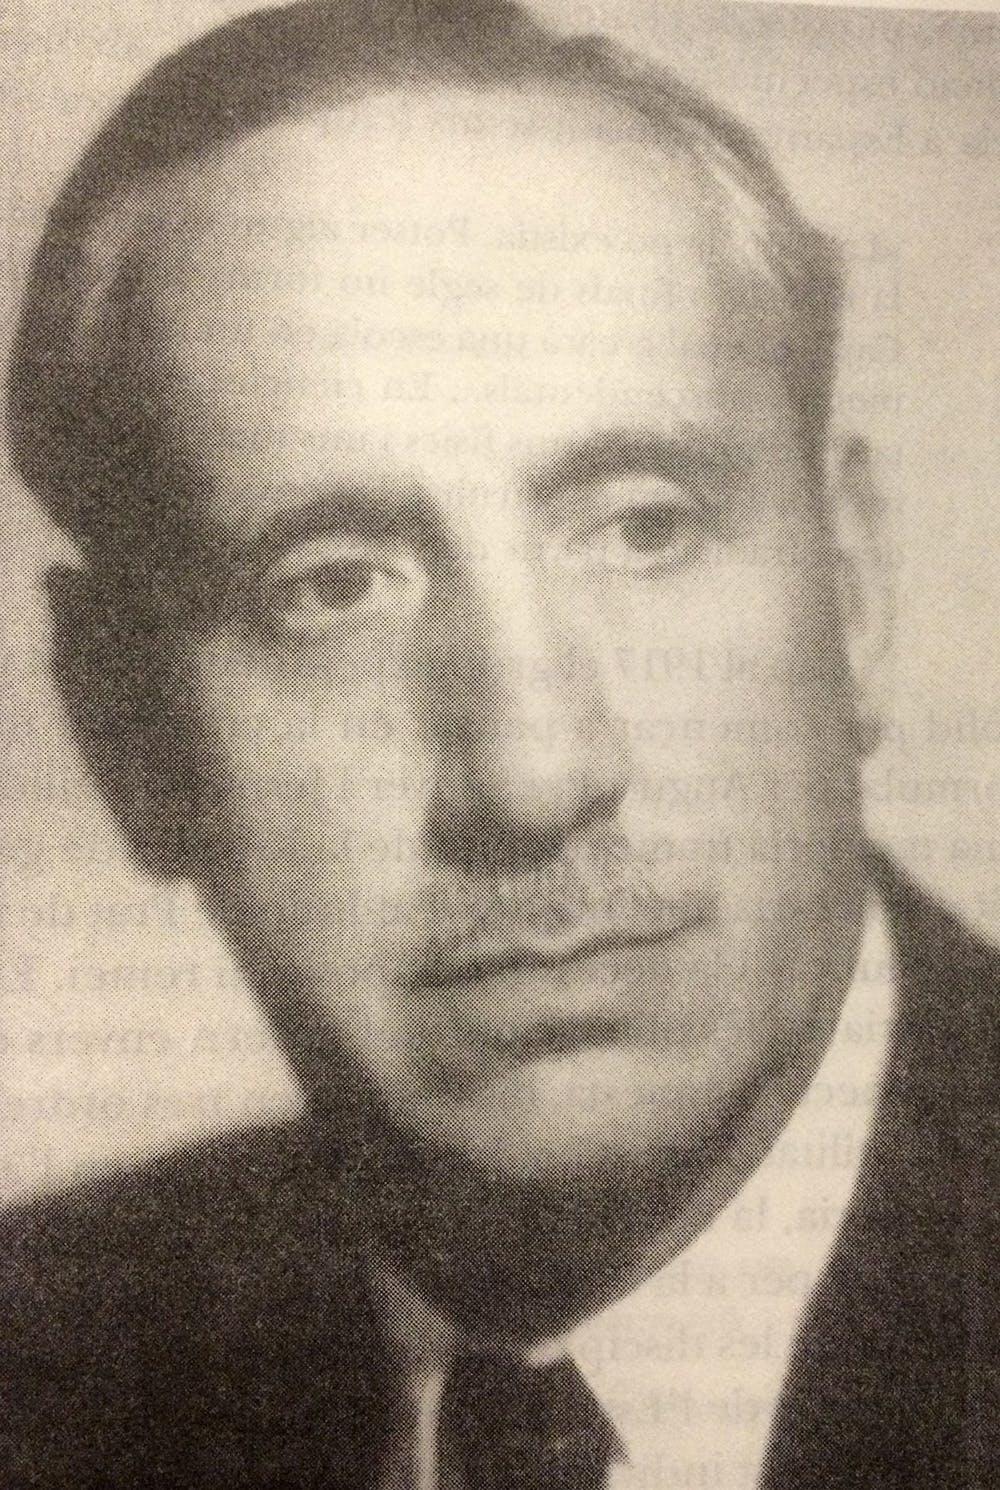 August Pi i Sunyer. Wikipedia